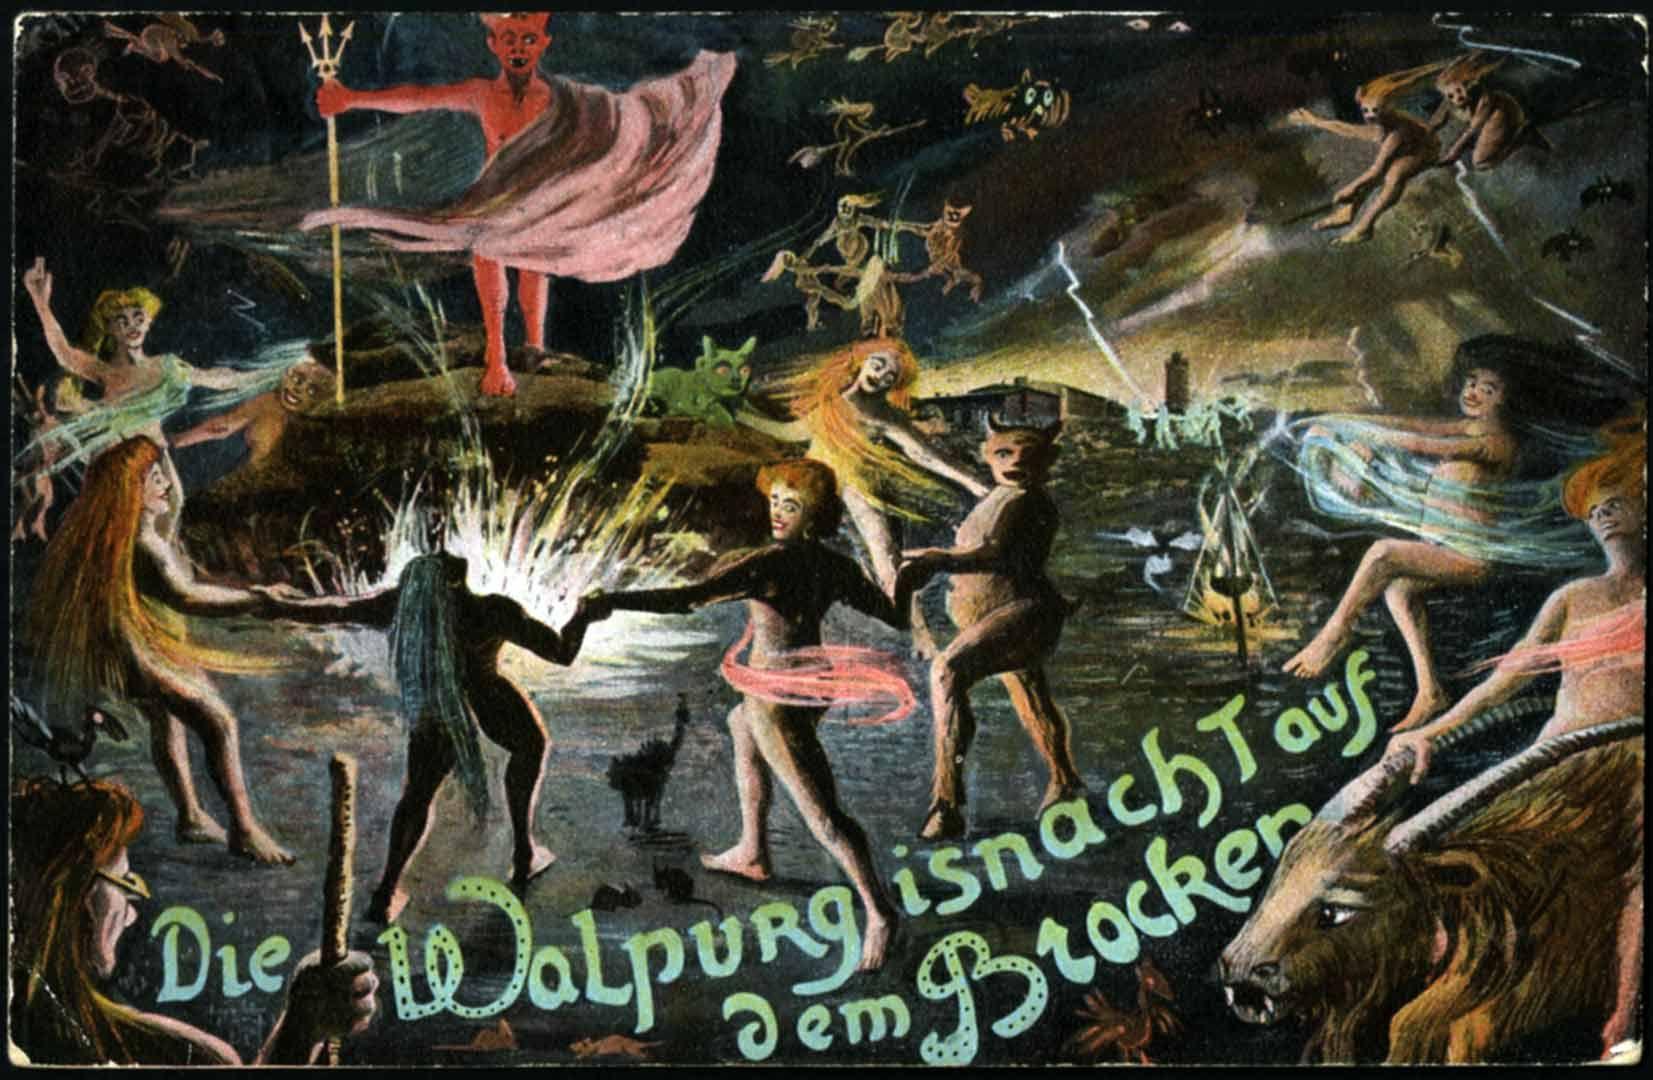 Walpurgis night orgy